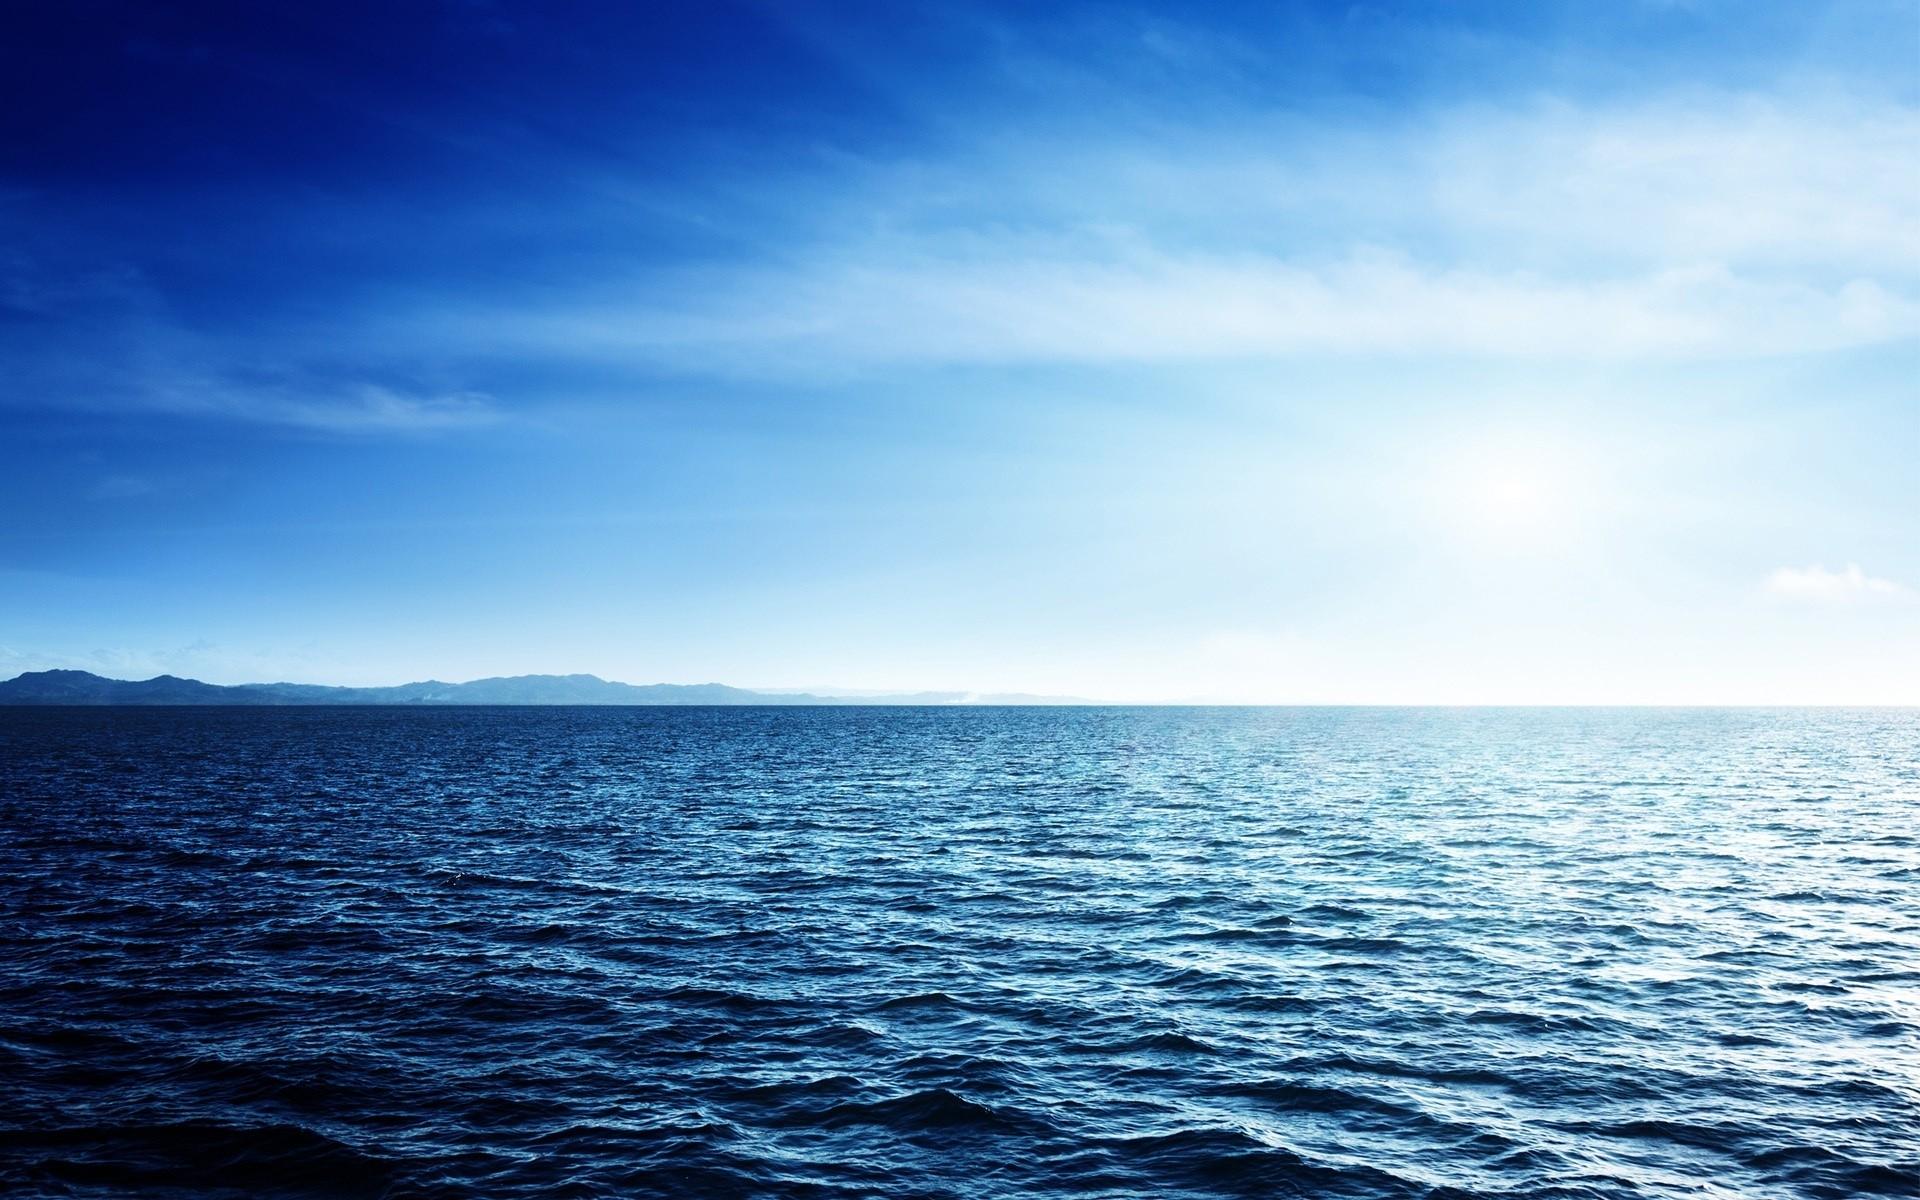 ocean wave wallpaper 32079